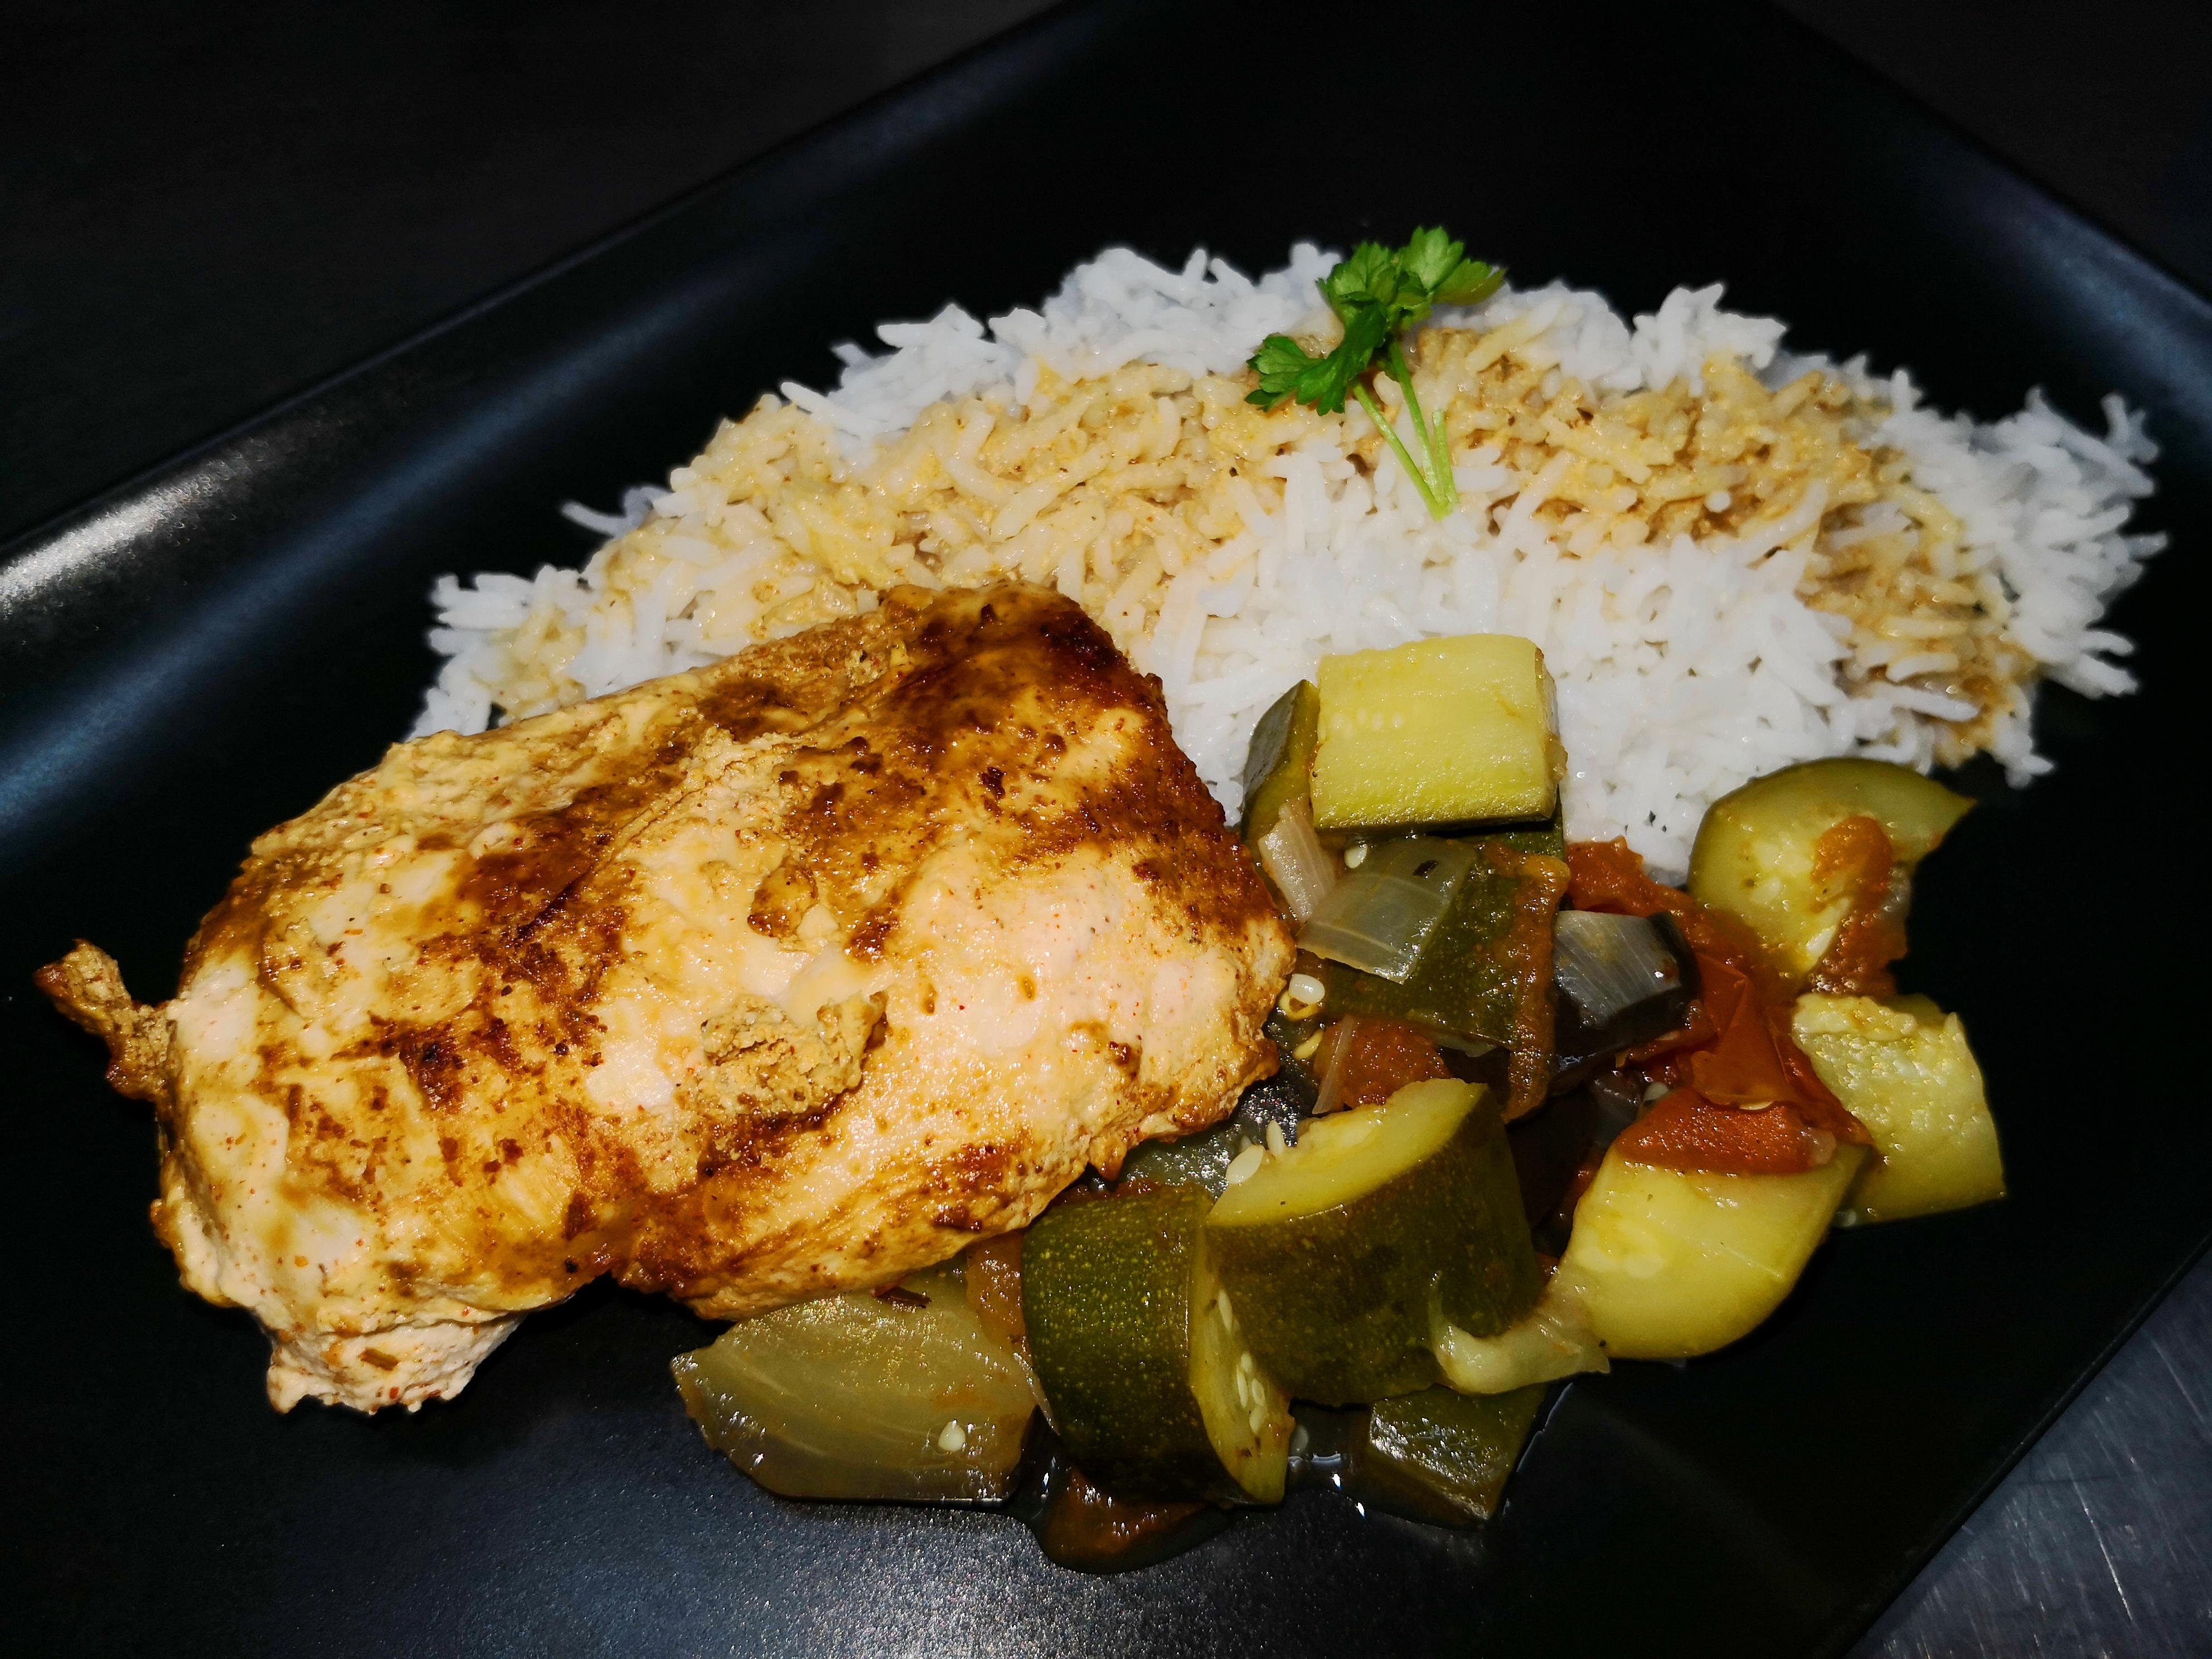 Filet poulet mariné au citron/tandoo